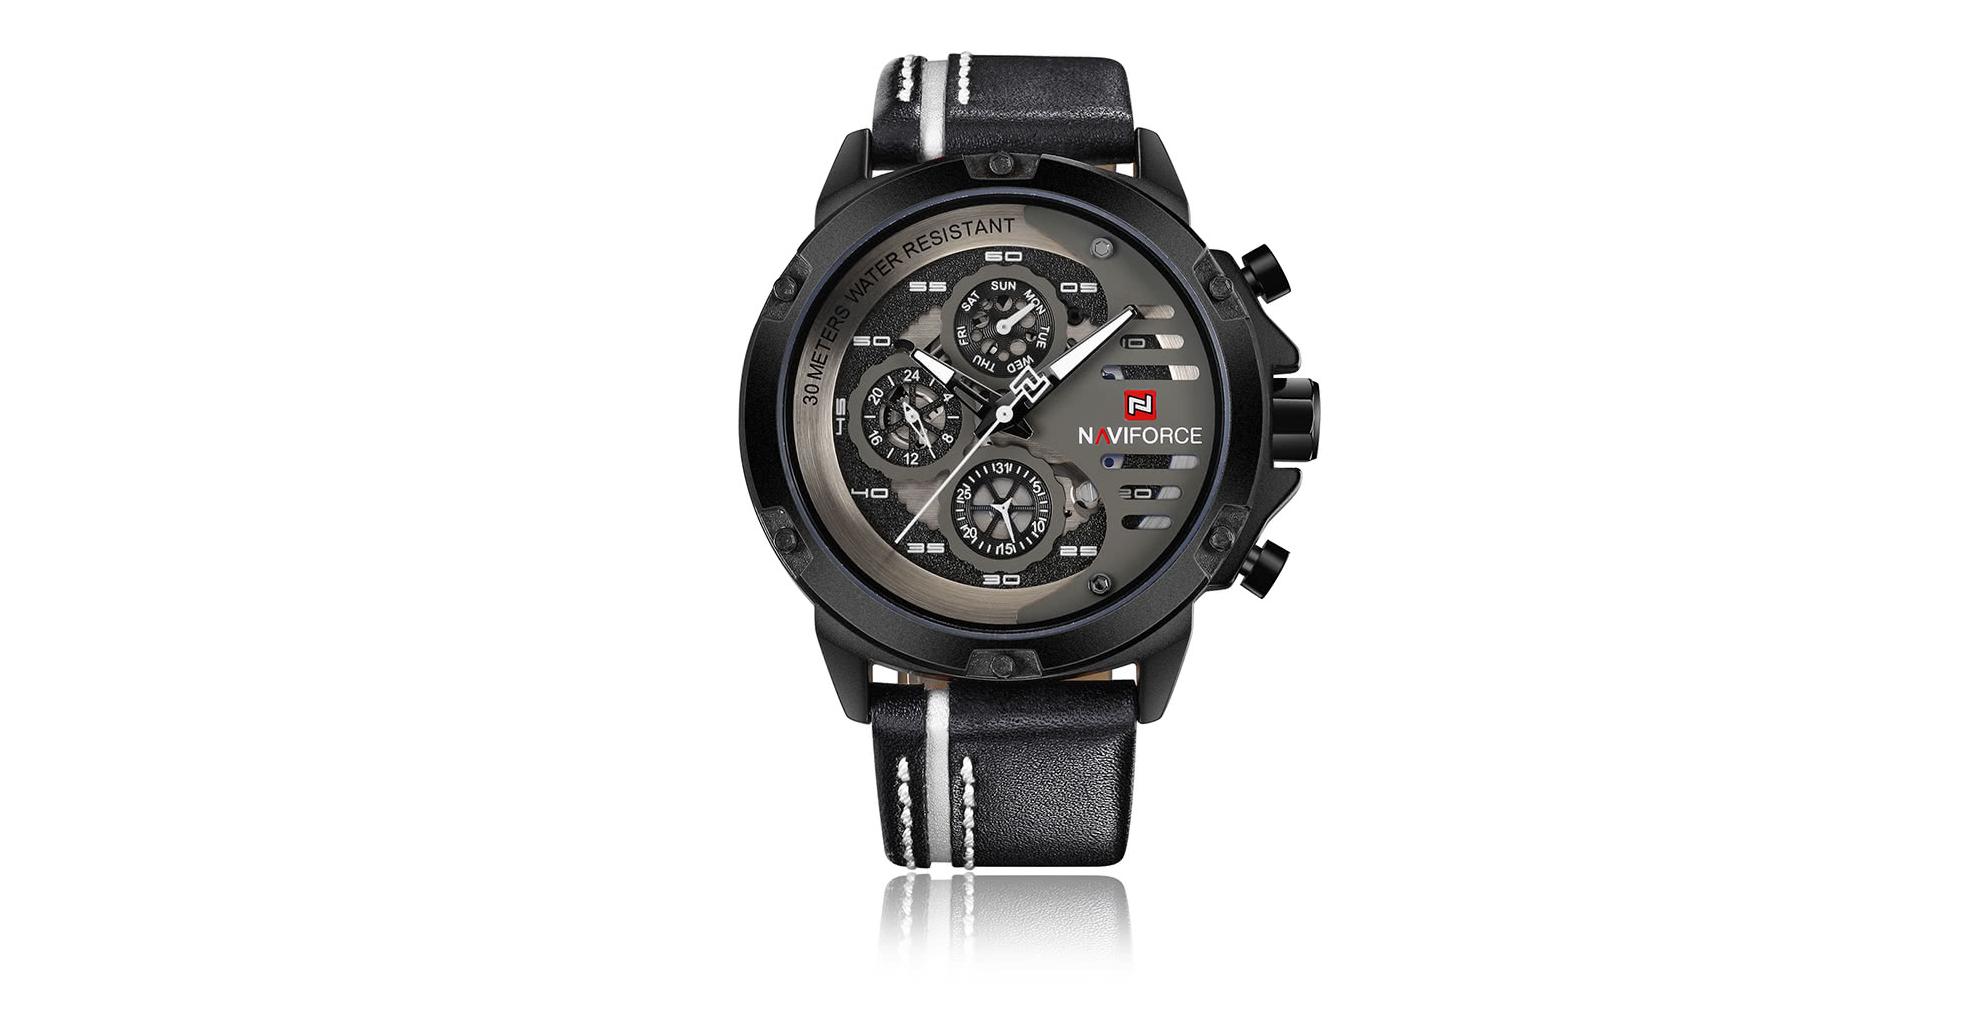 Elegantní hodinky NAVIFORCE s dvanáctiměsíční výdrží nyní ve slevě! [sponzorovaný článek]